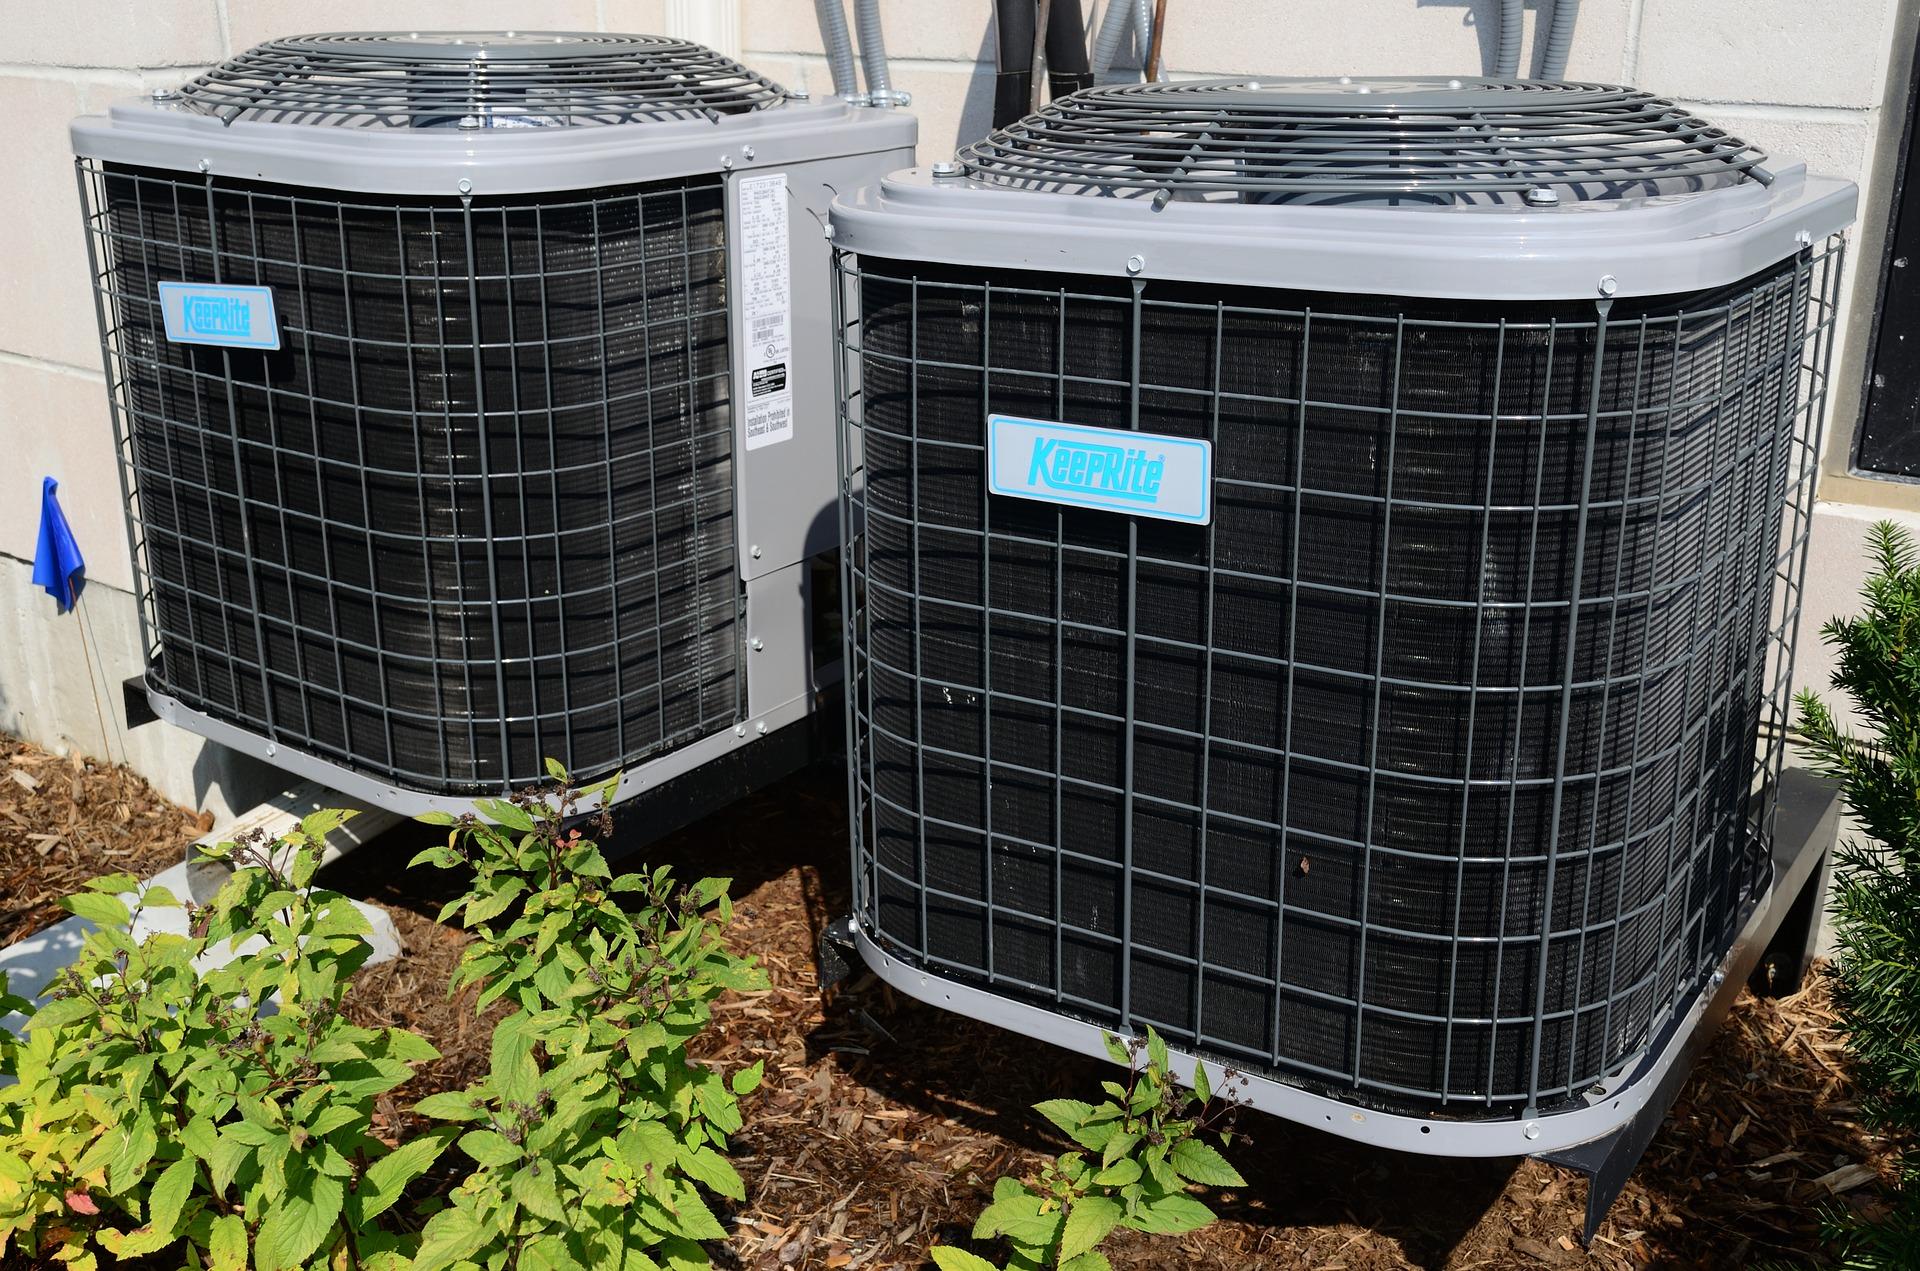 Nettoyage_du_climatiseur_:_3_raisons_pour_lesquelles_votre_climatiseur_pue